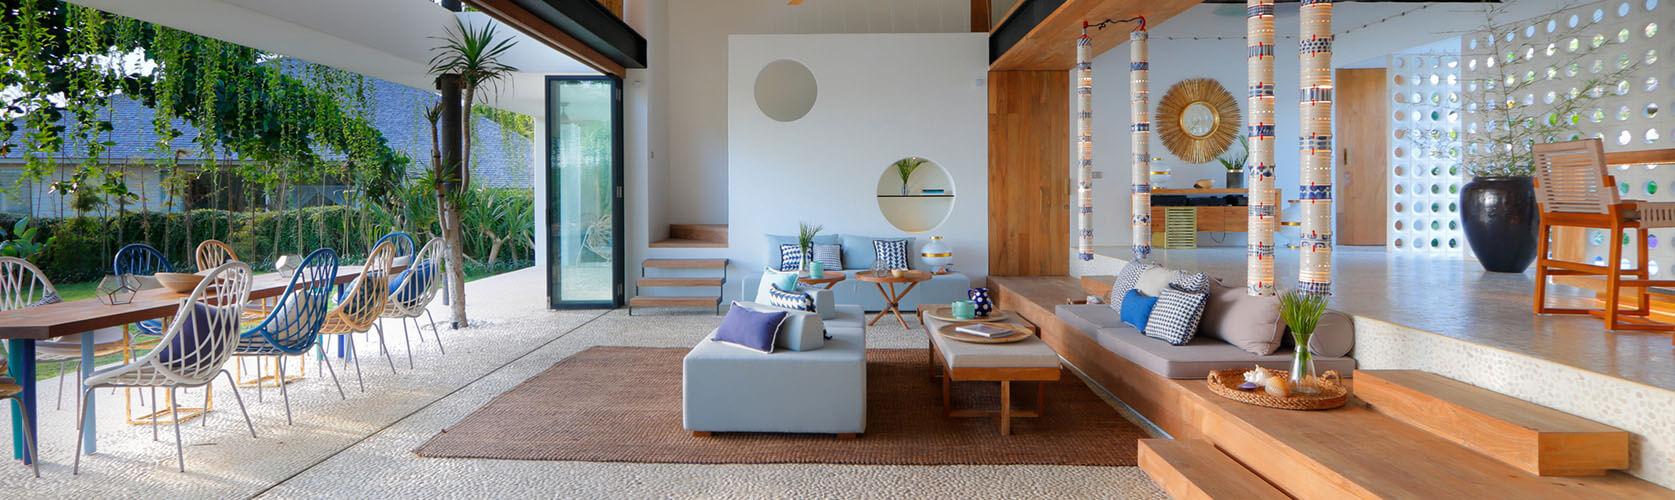 Villa Seascape - beachfront 8 bedroom private villa, Nusa